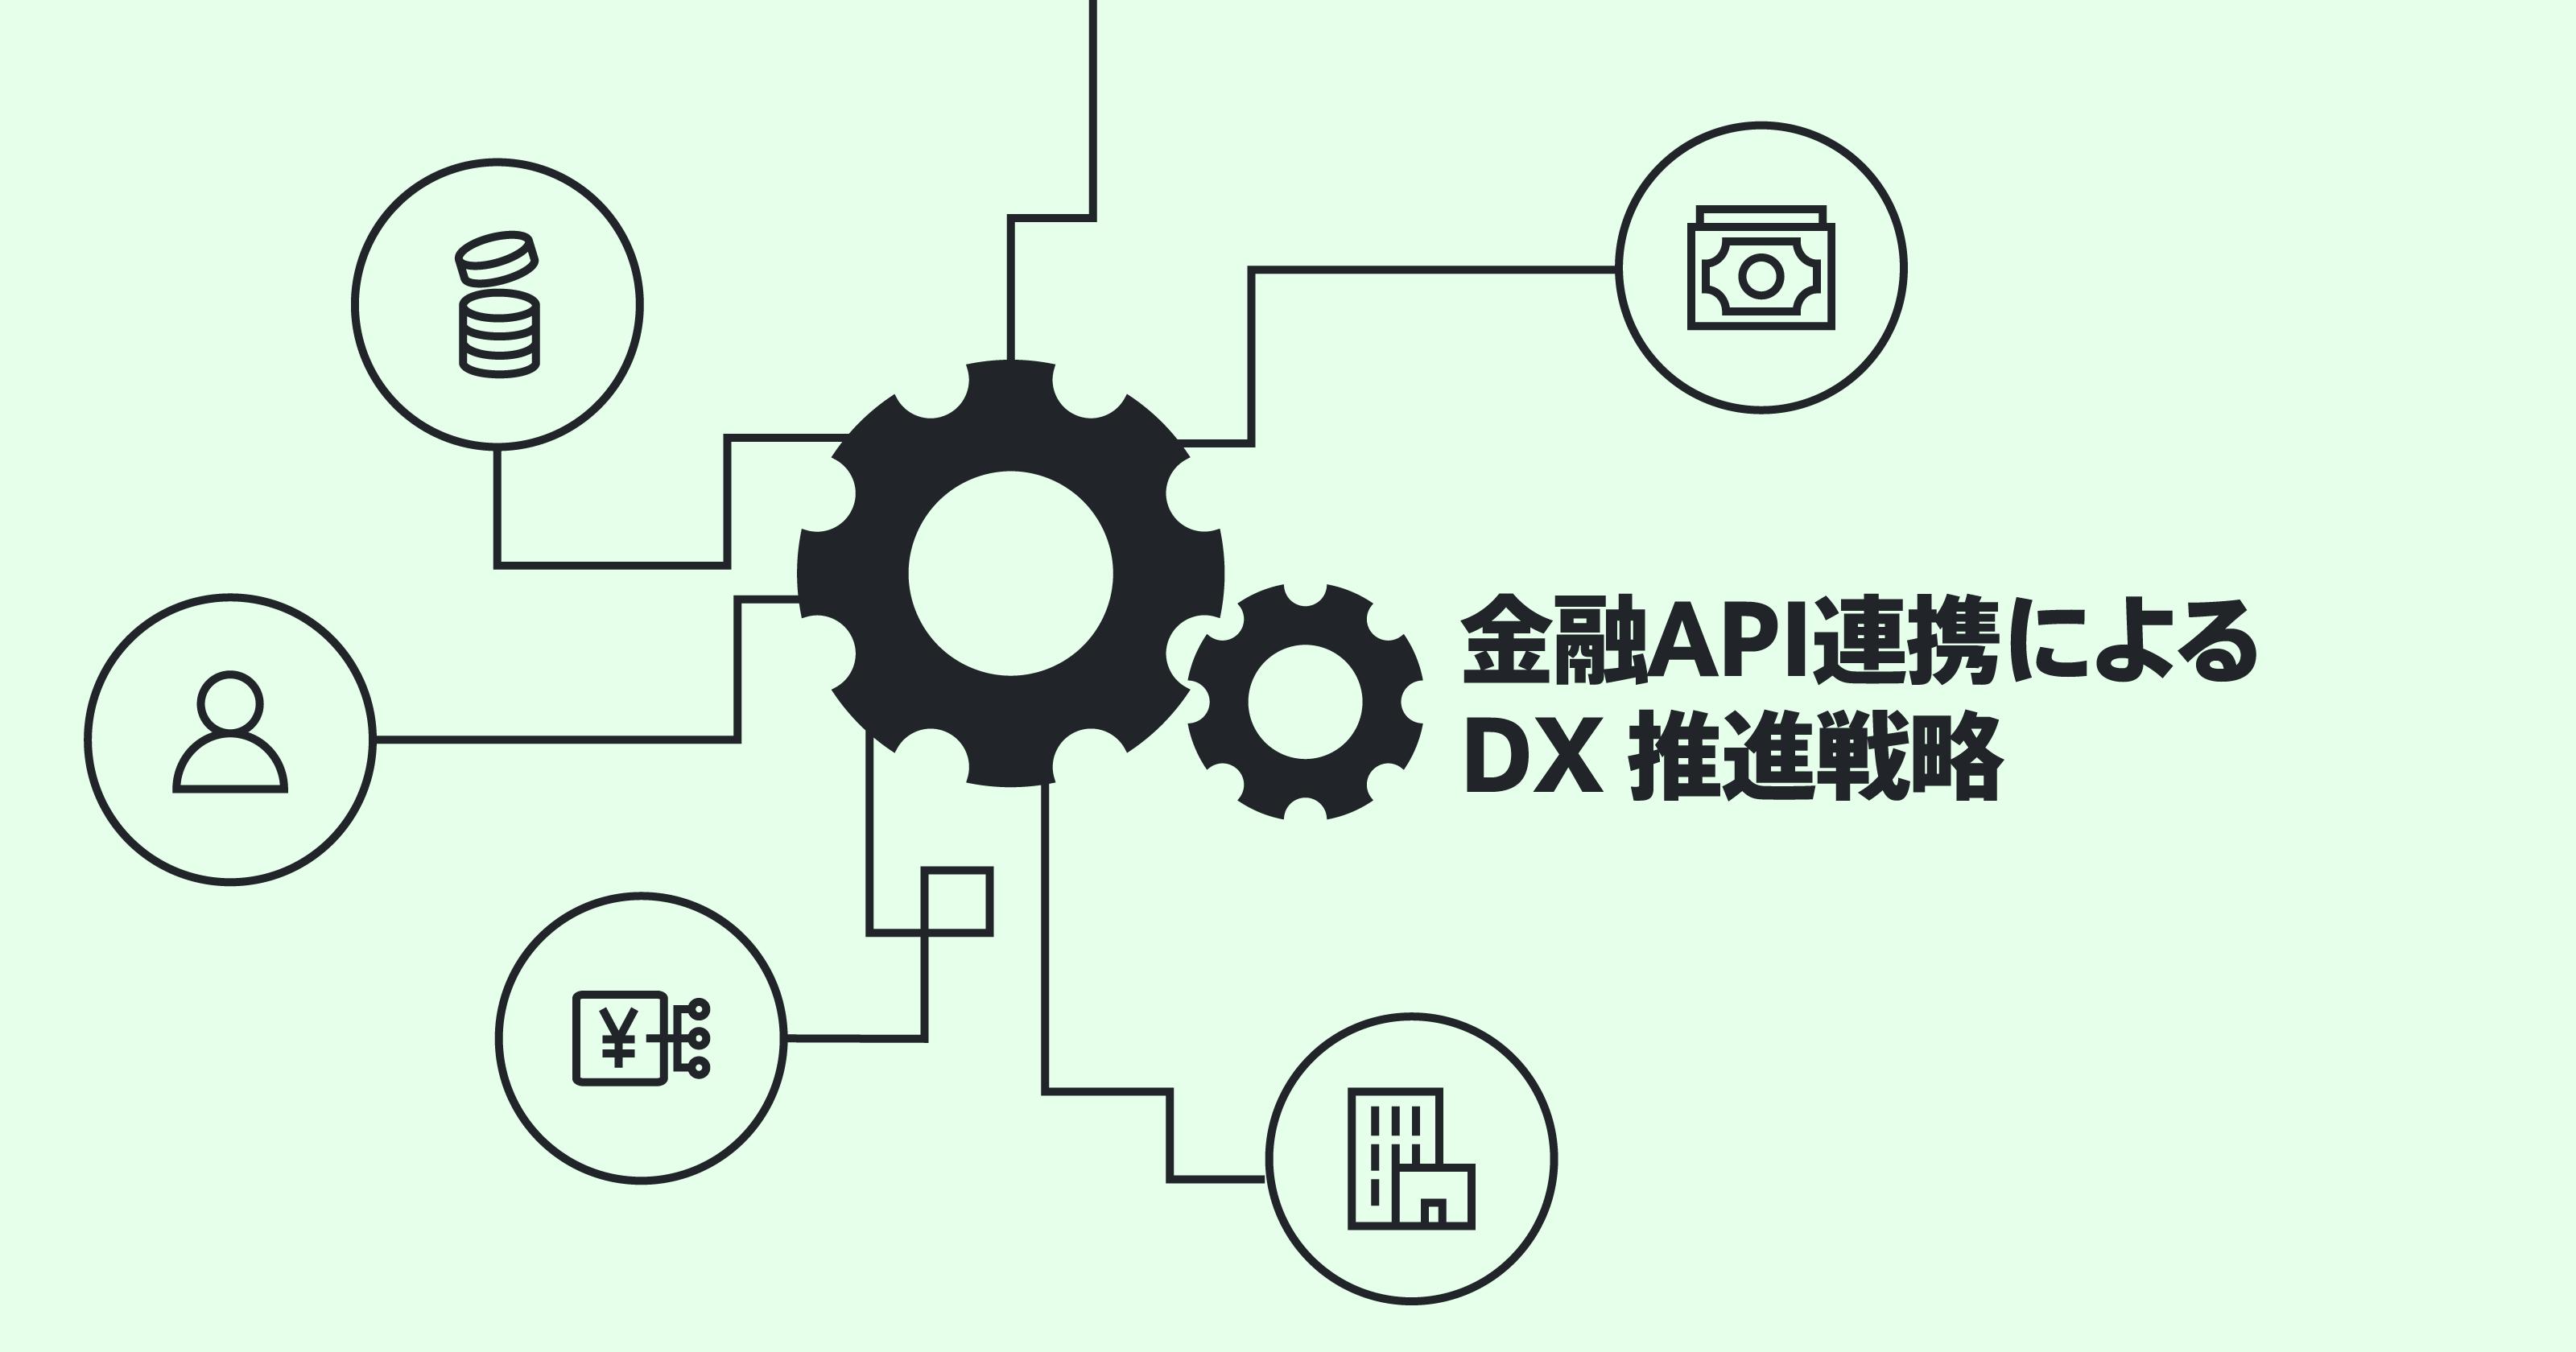 金融API連携によるDX 推進戦略